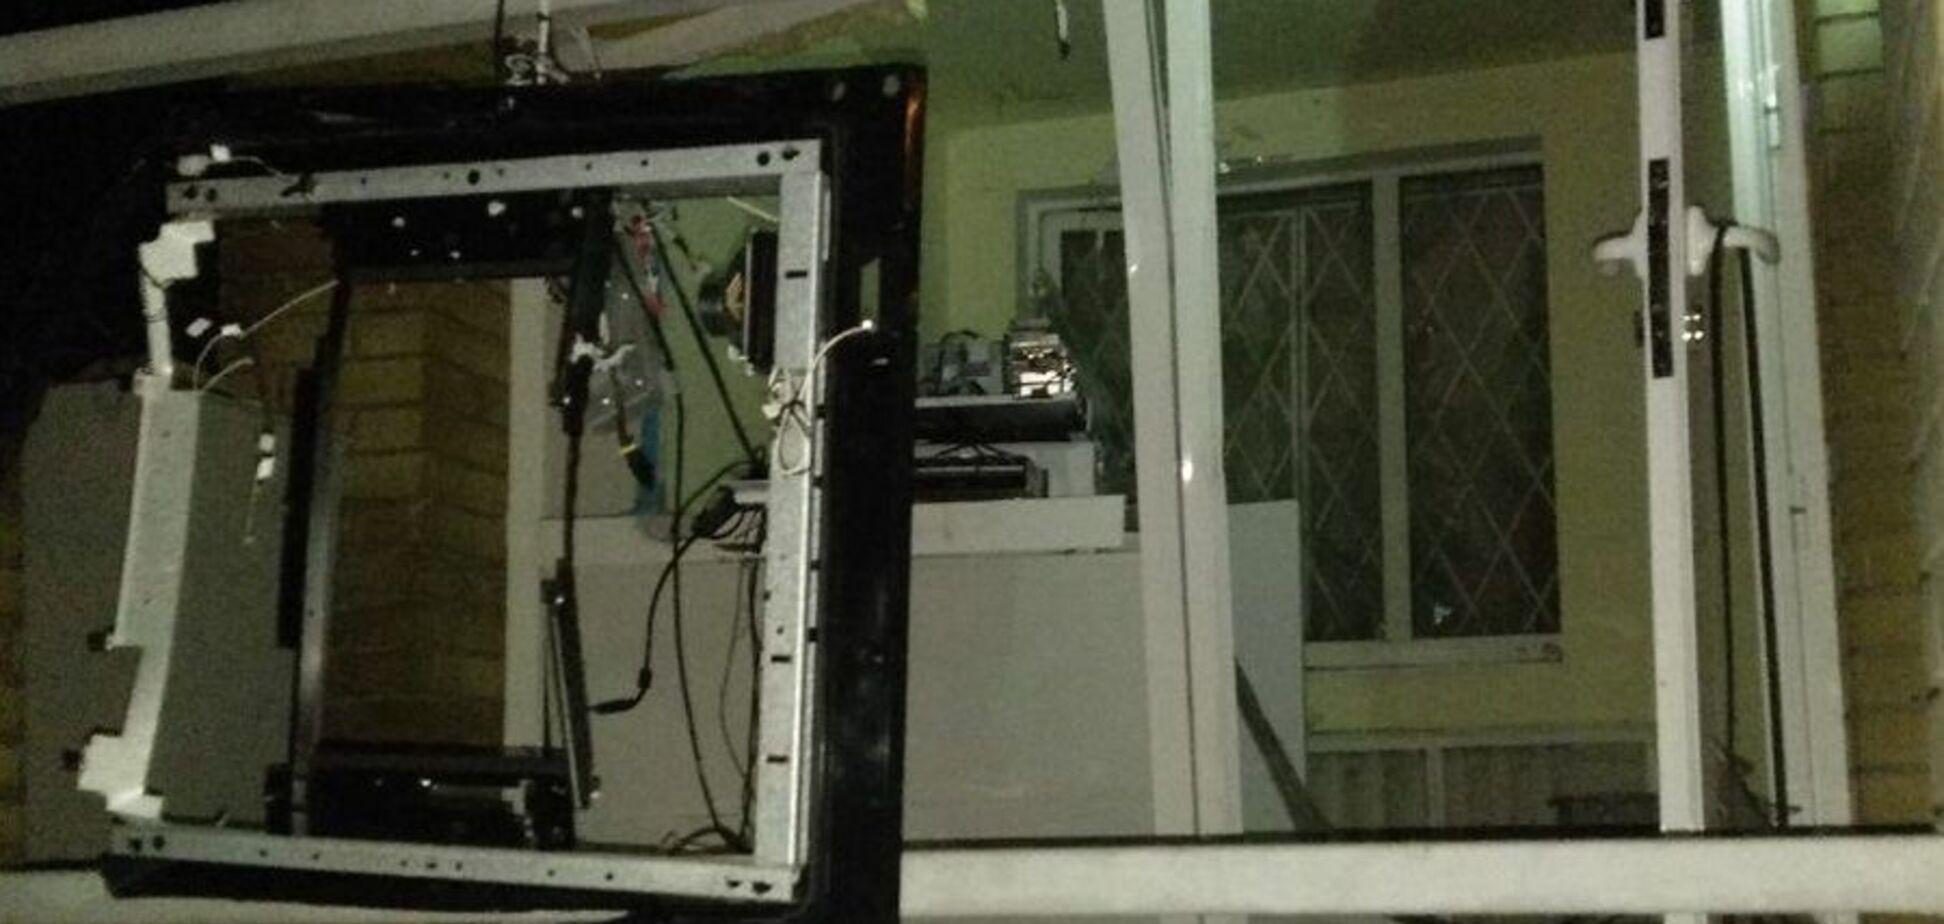 Запустили газ и взорвали: в Днепре ограбили известный банкомат